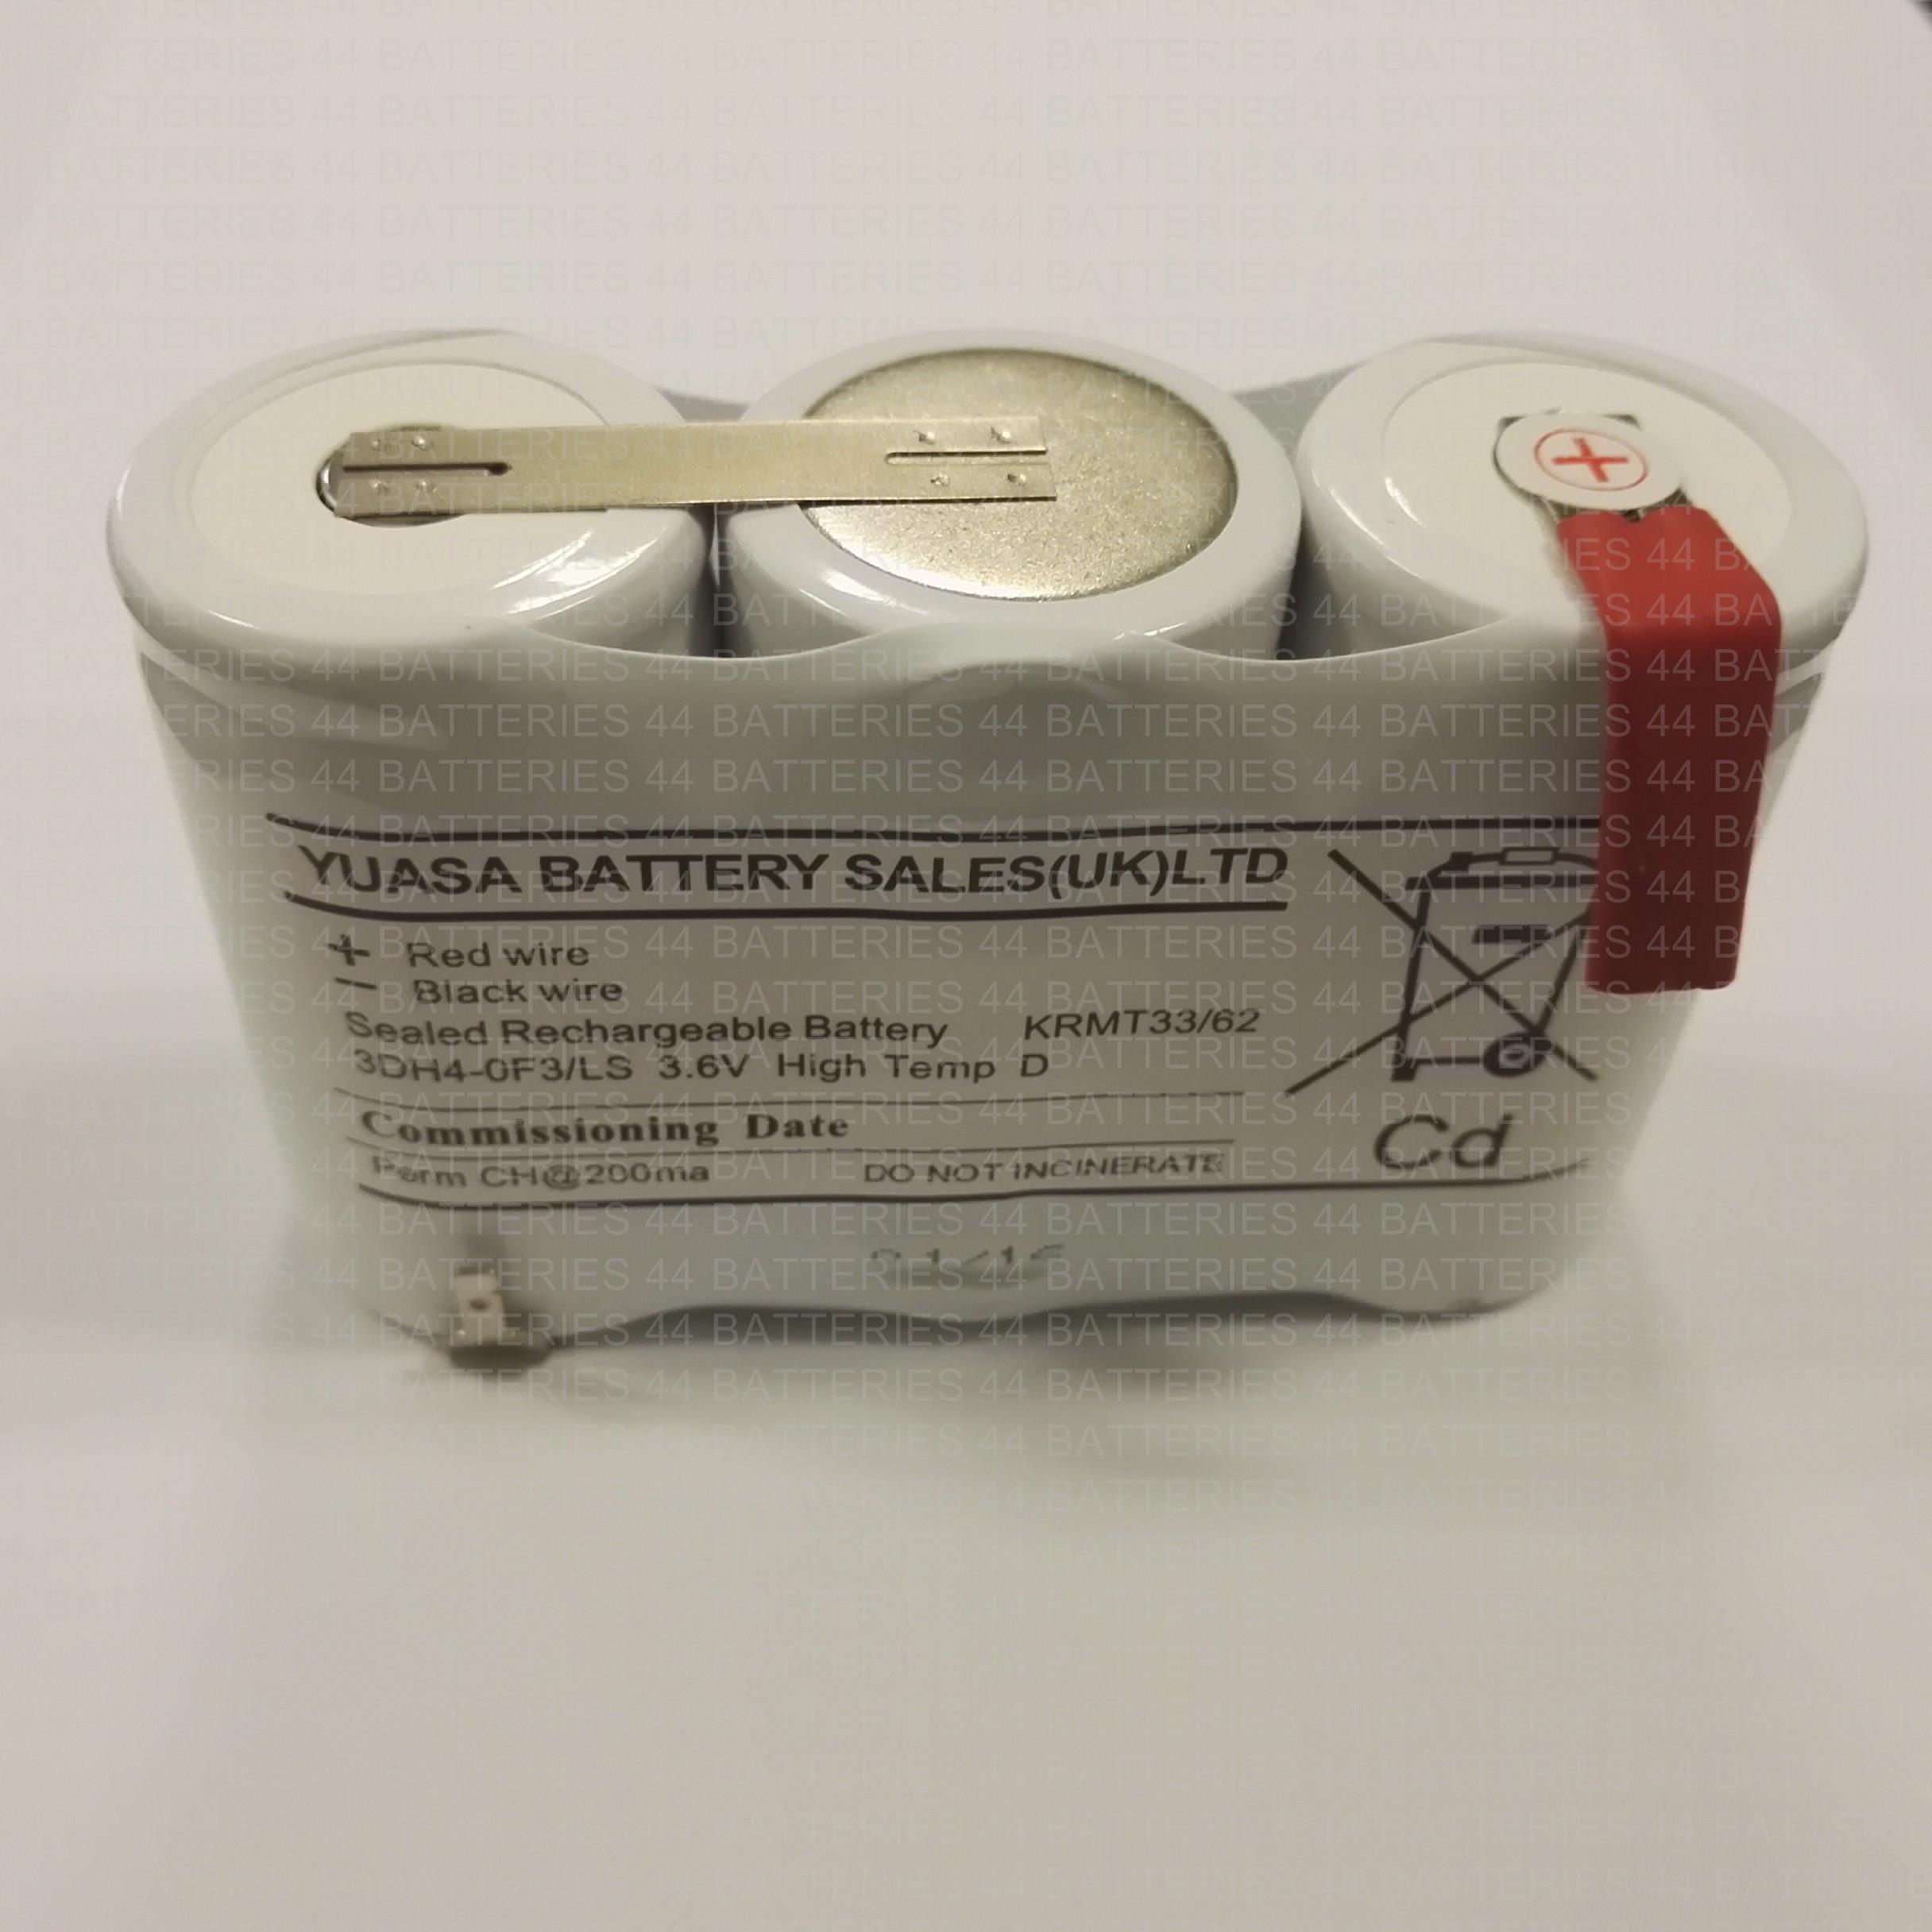 Batterie Yuasa BAES...